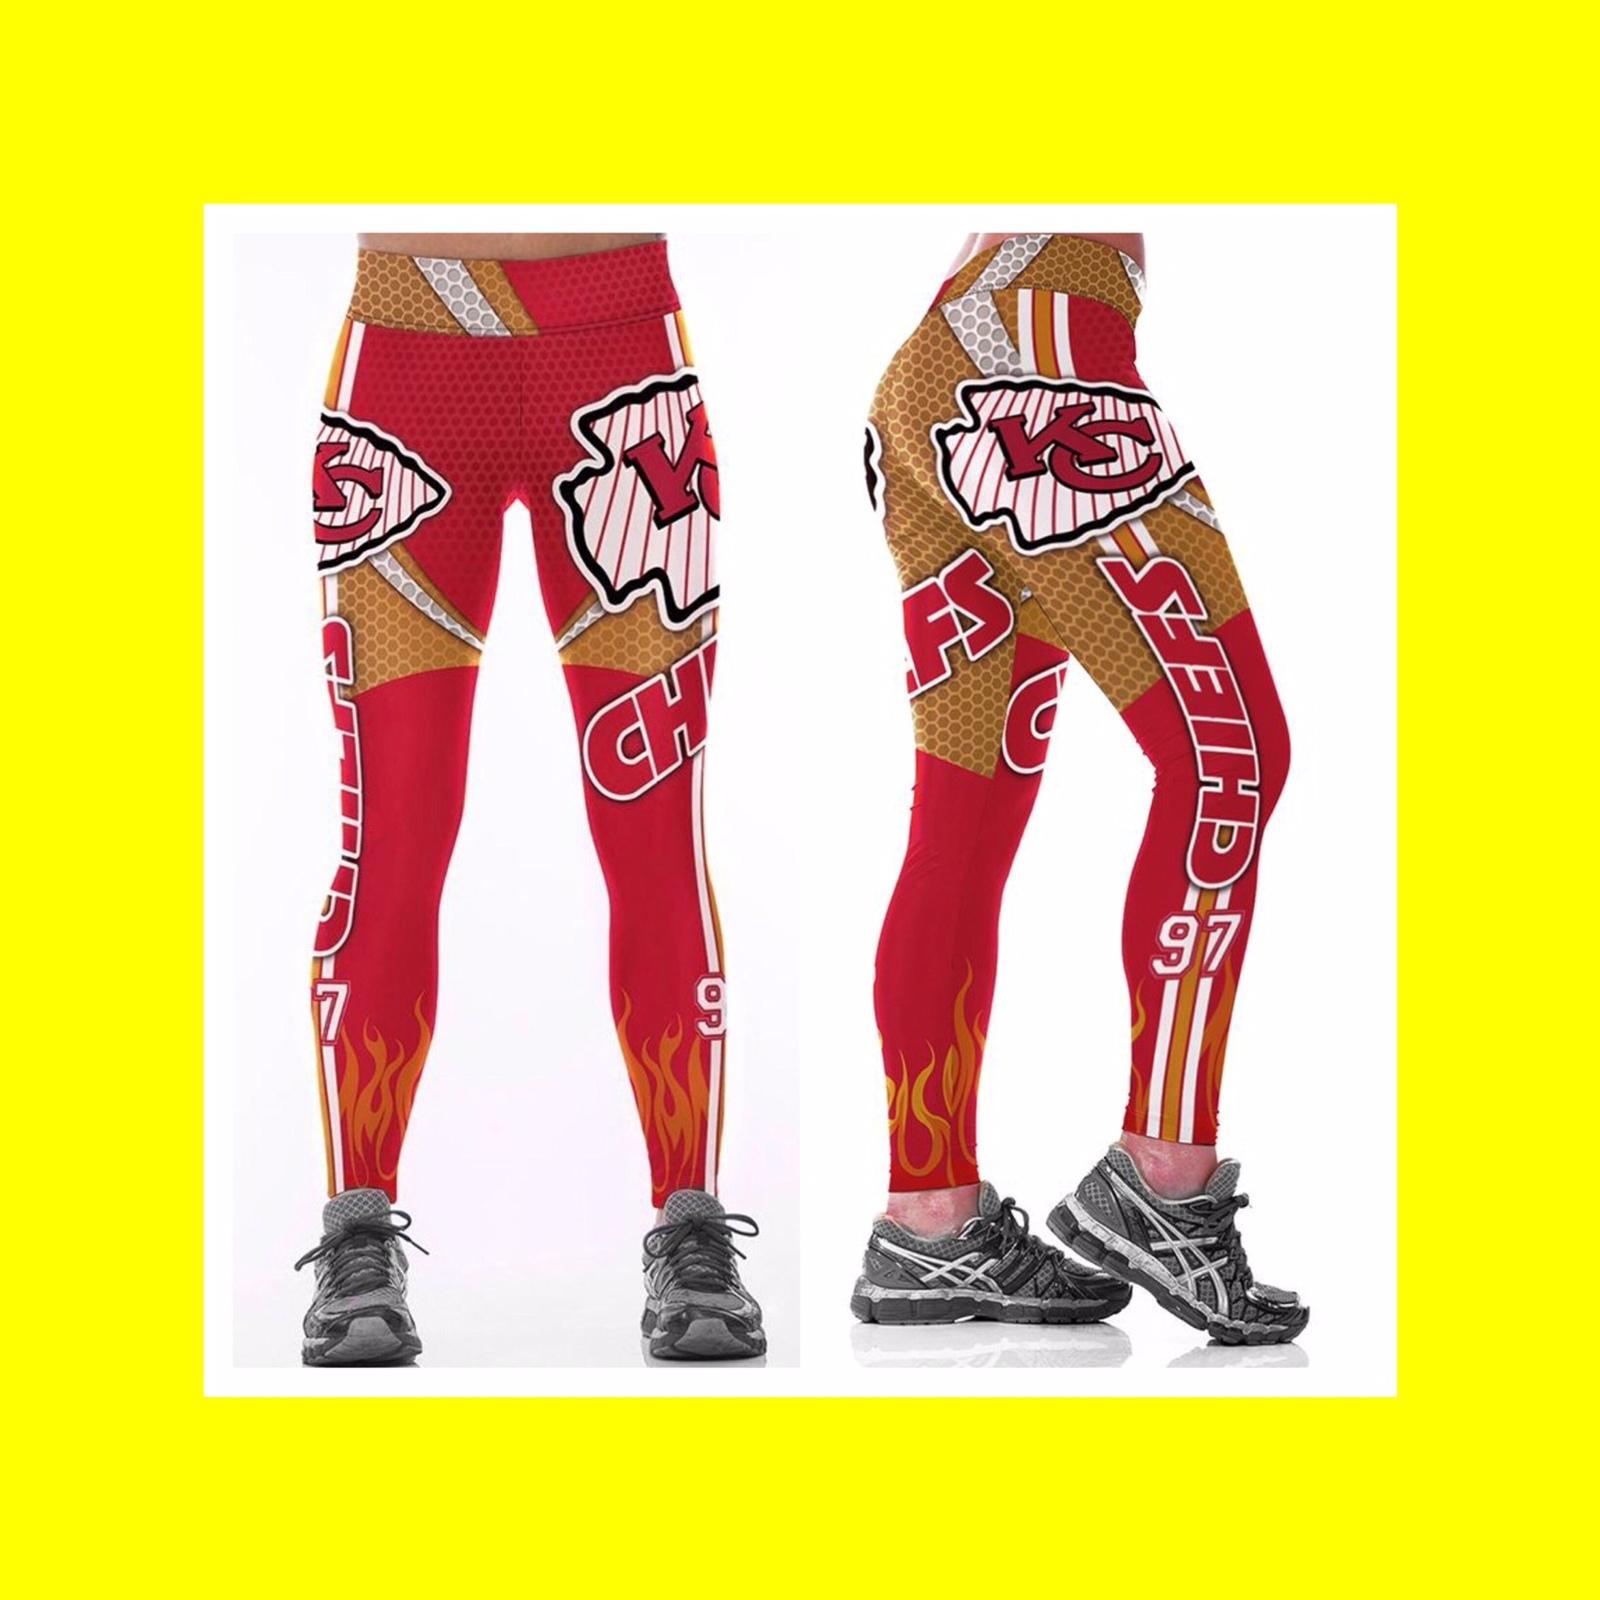 NFL CHIEFS Leggings -#97 Womens Fan Gear - Kansas City Chiefs - Fan Gift Idea for sale  USA